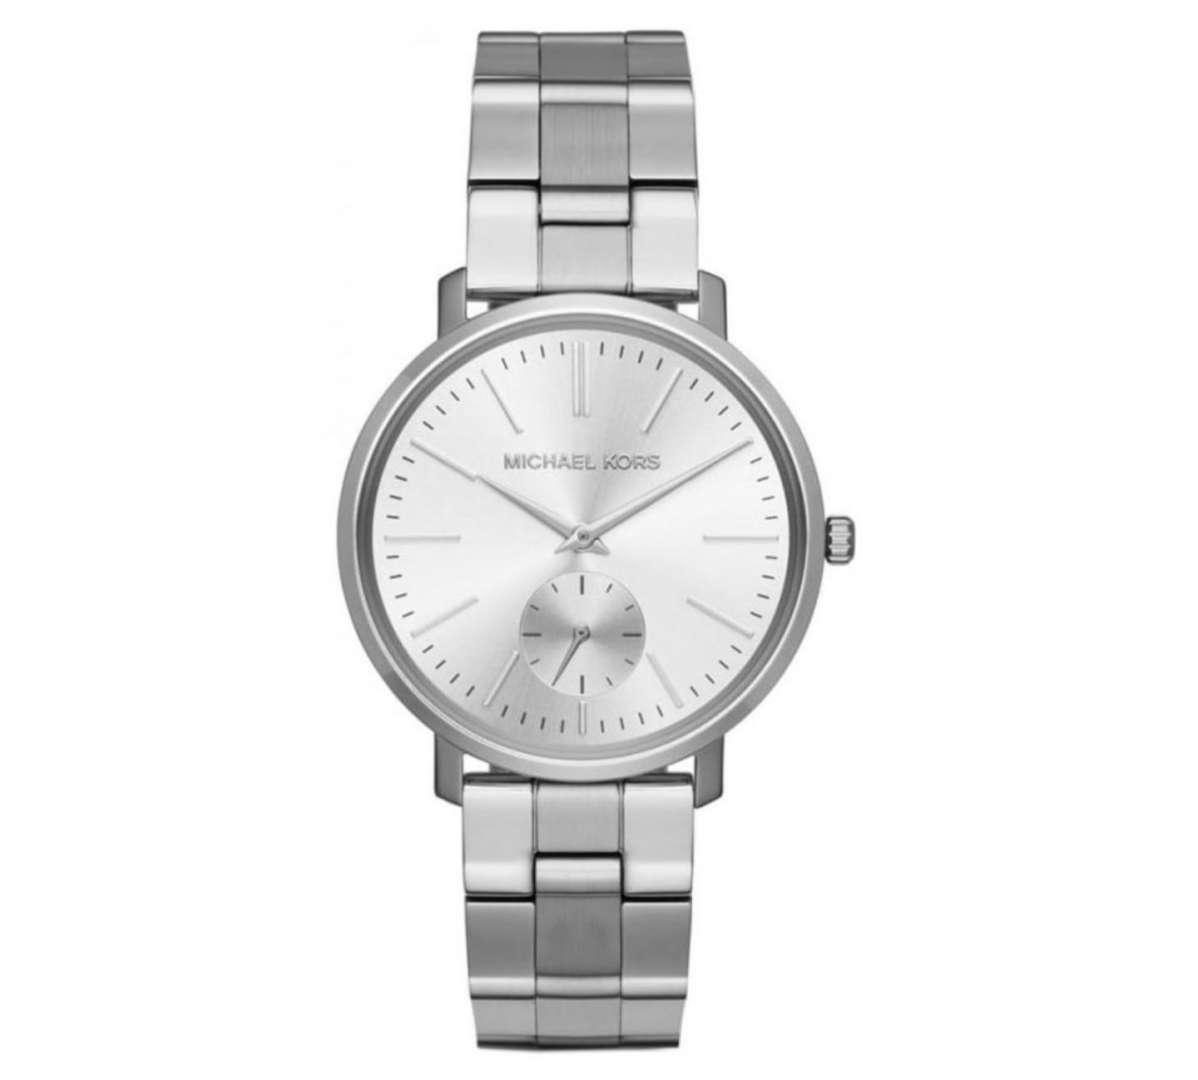 שעון יד אנלוגי לאישה michael kors mk3499 מייקל קורס